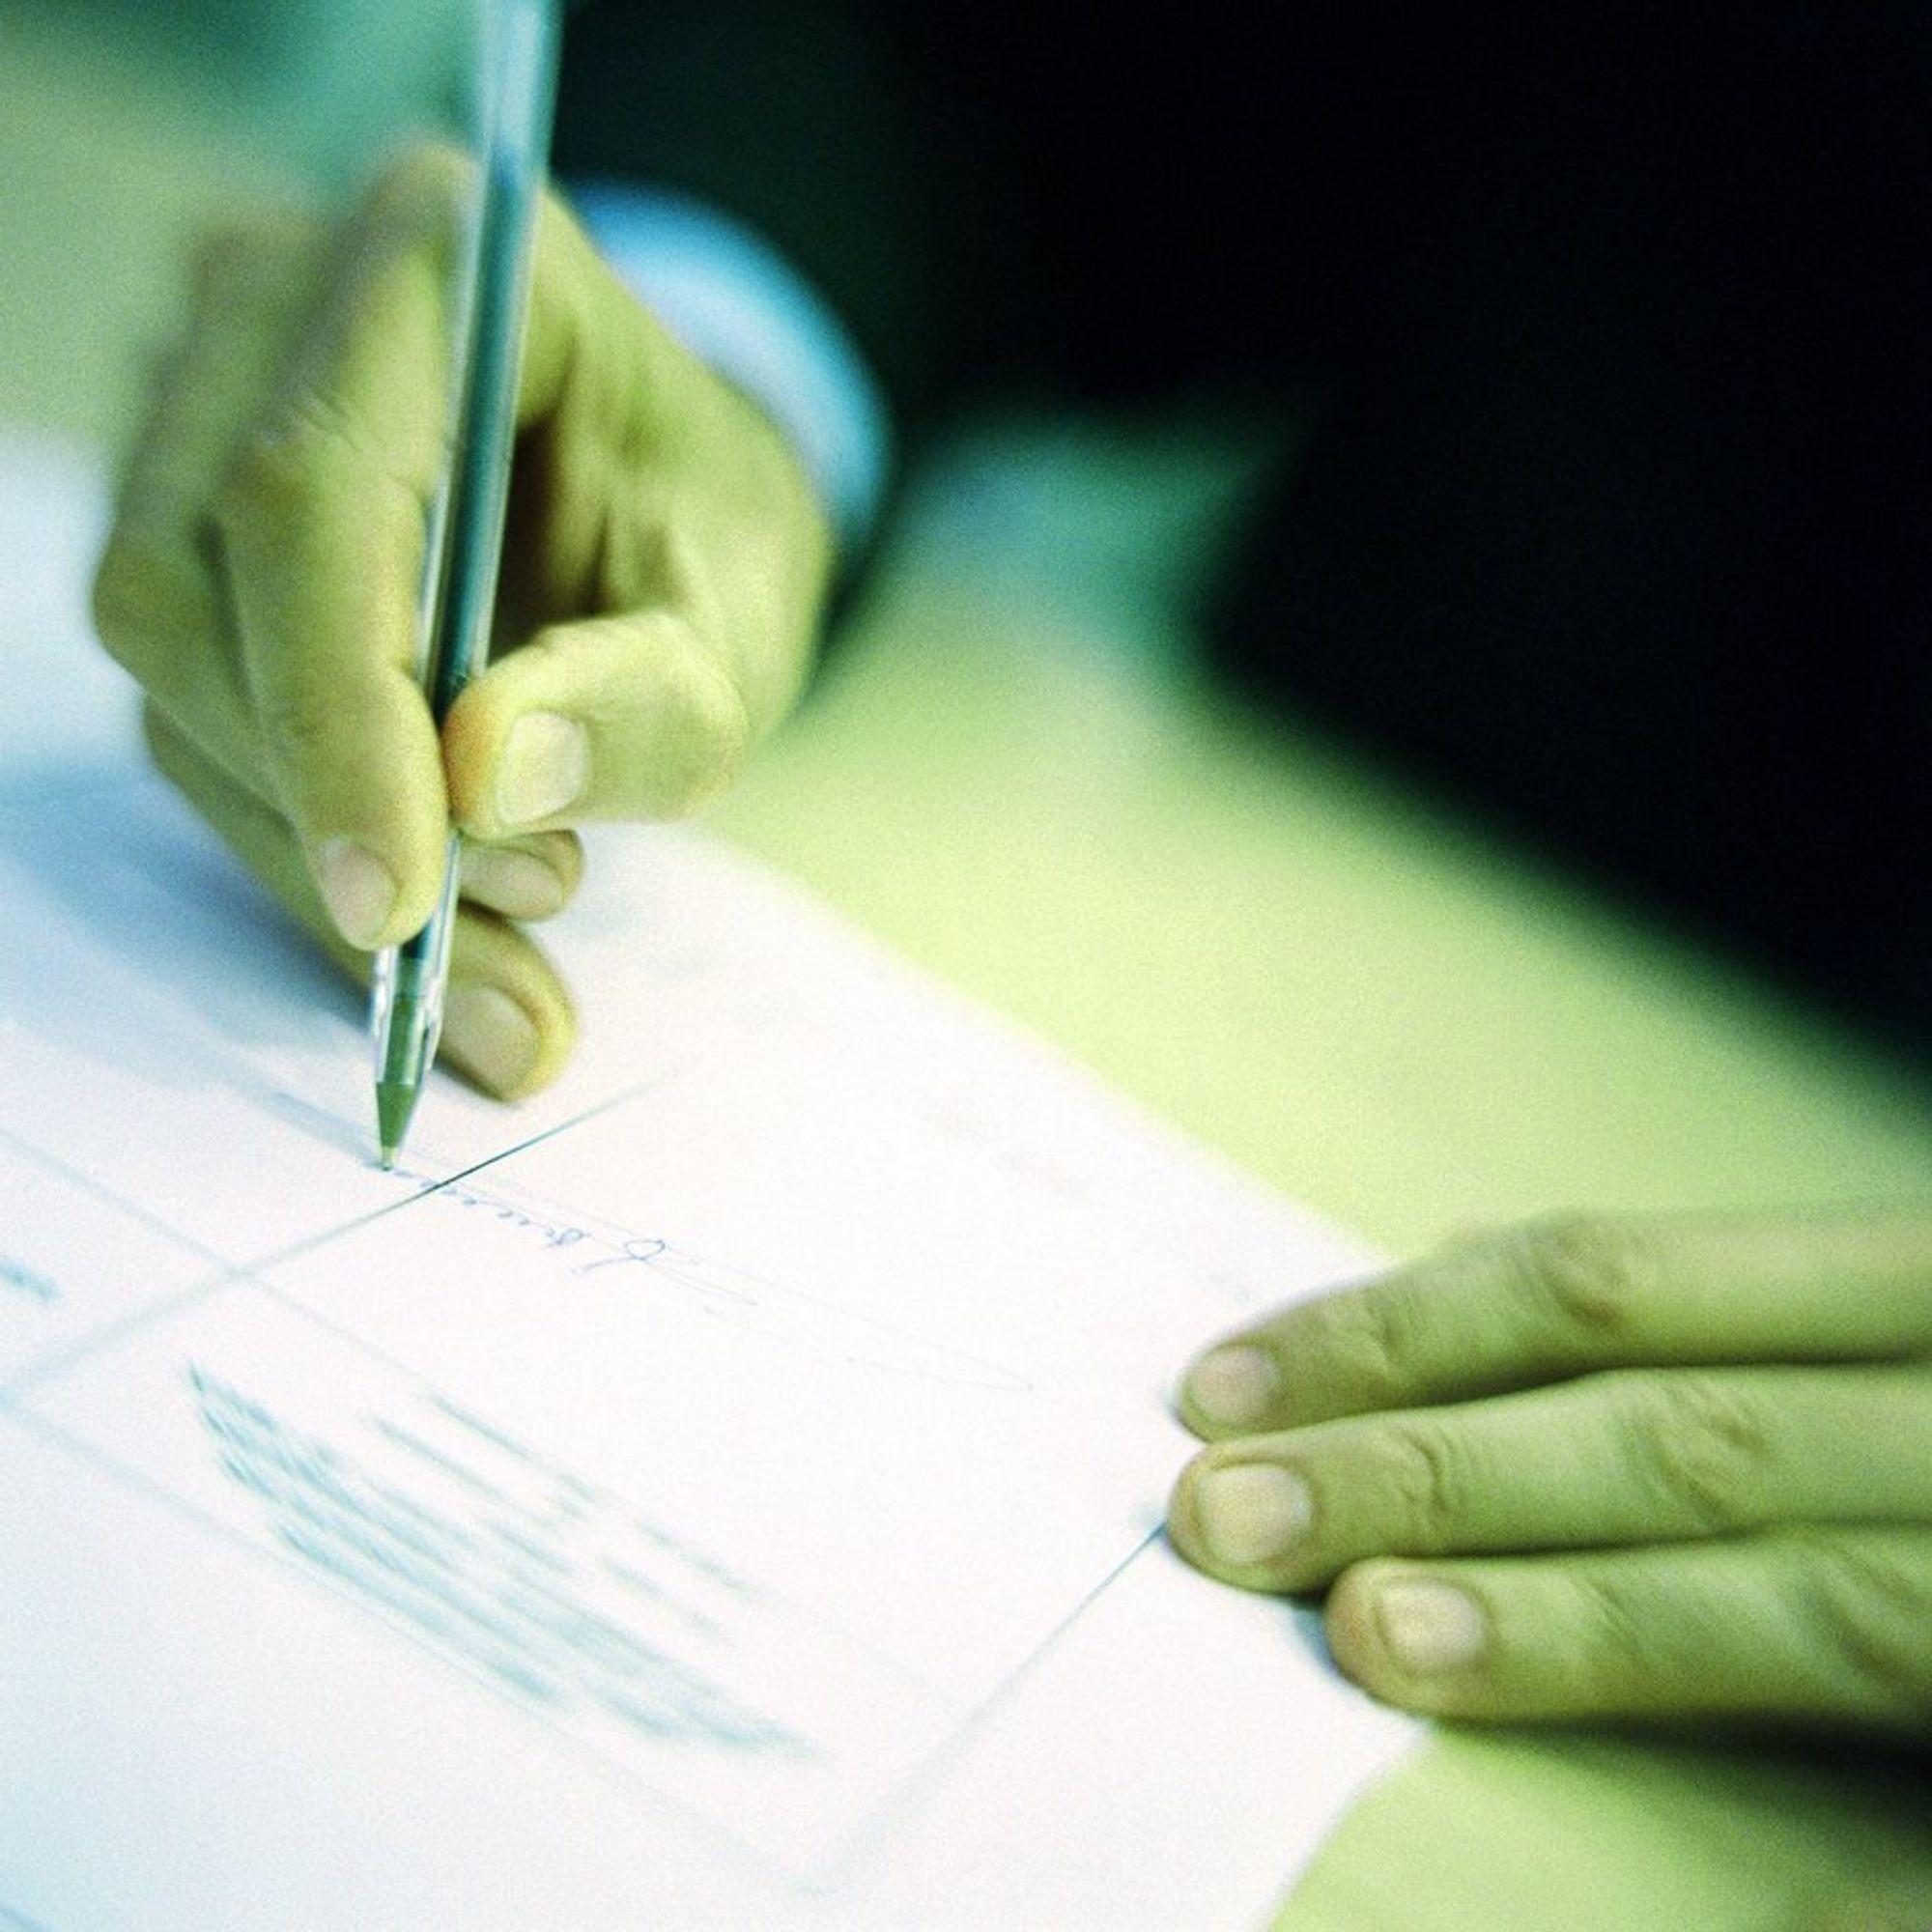 KRITISK: Ansatte signerer vekk ytringsfriheten, mener NITO.